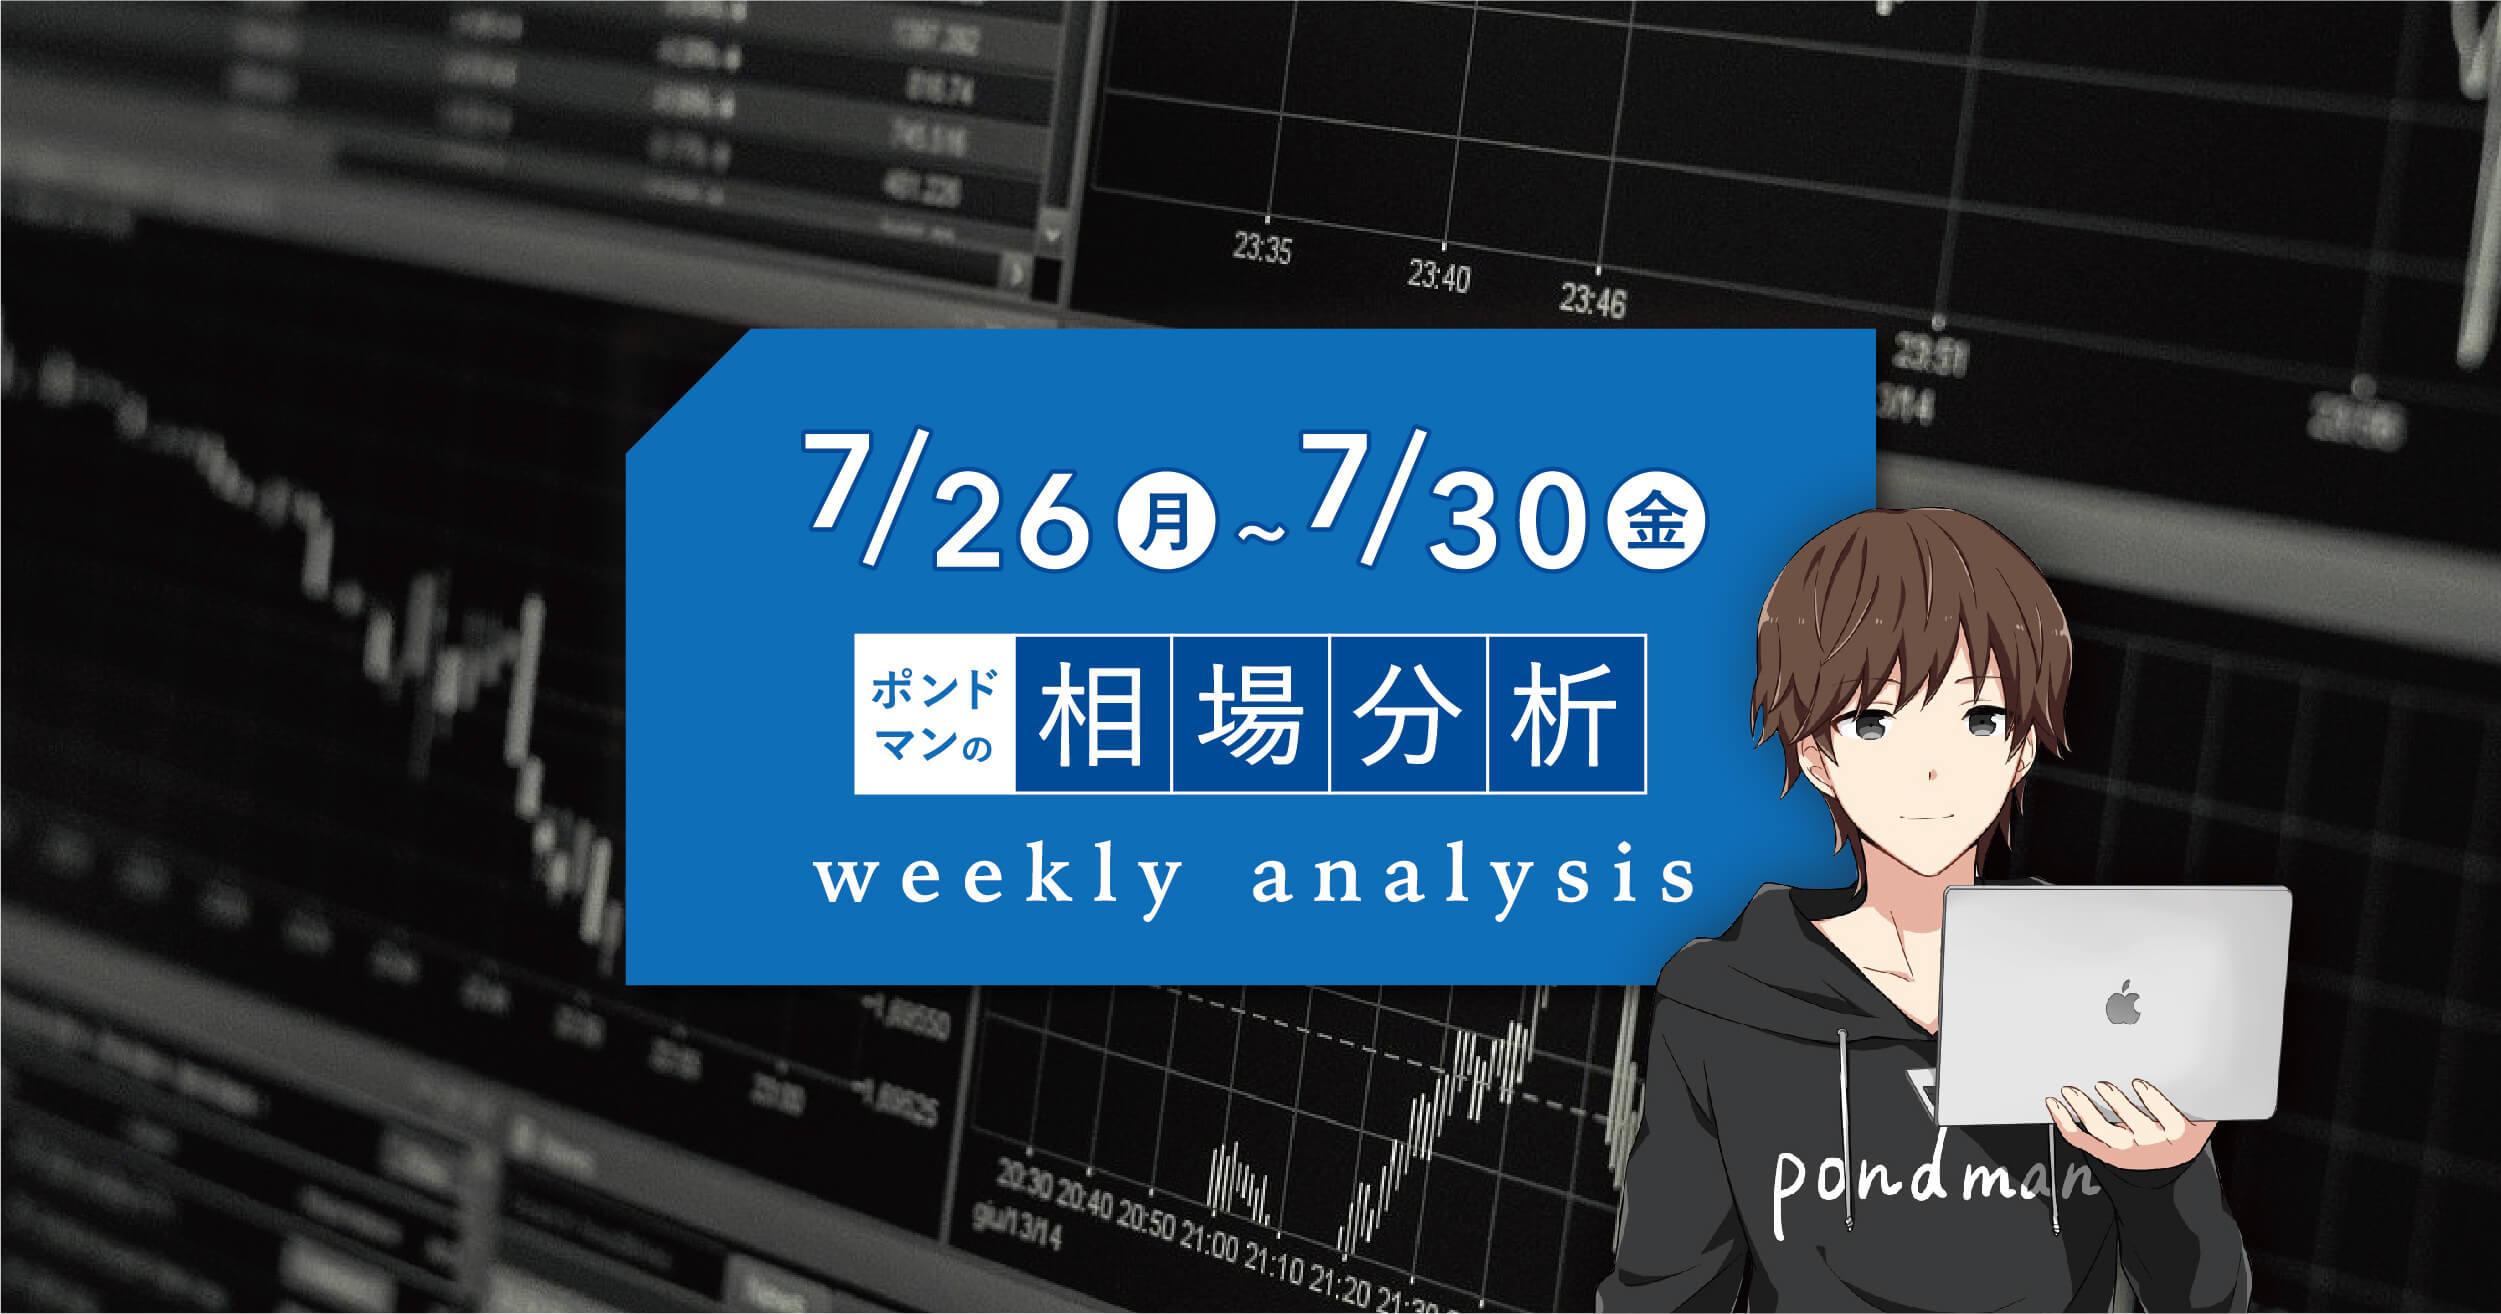 【7月26日~30日】ポンドマンの週間相場分析!テーパリングに関する発言はあるのか?!